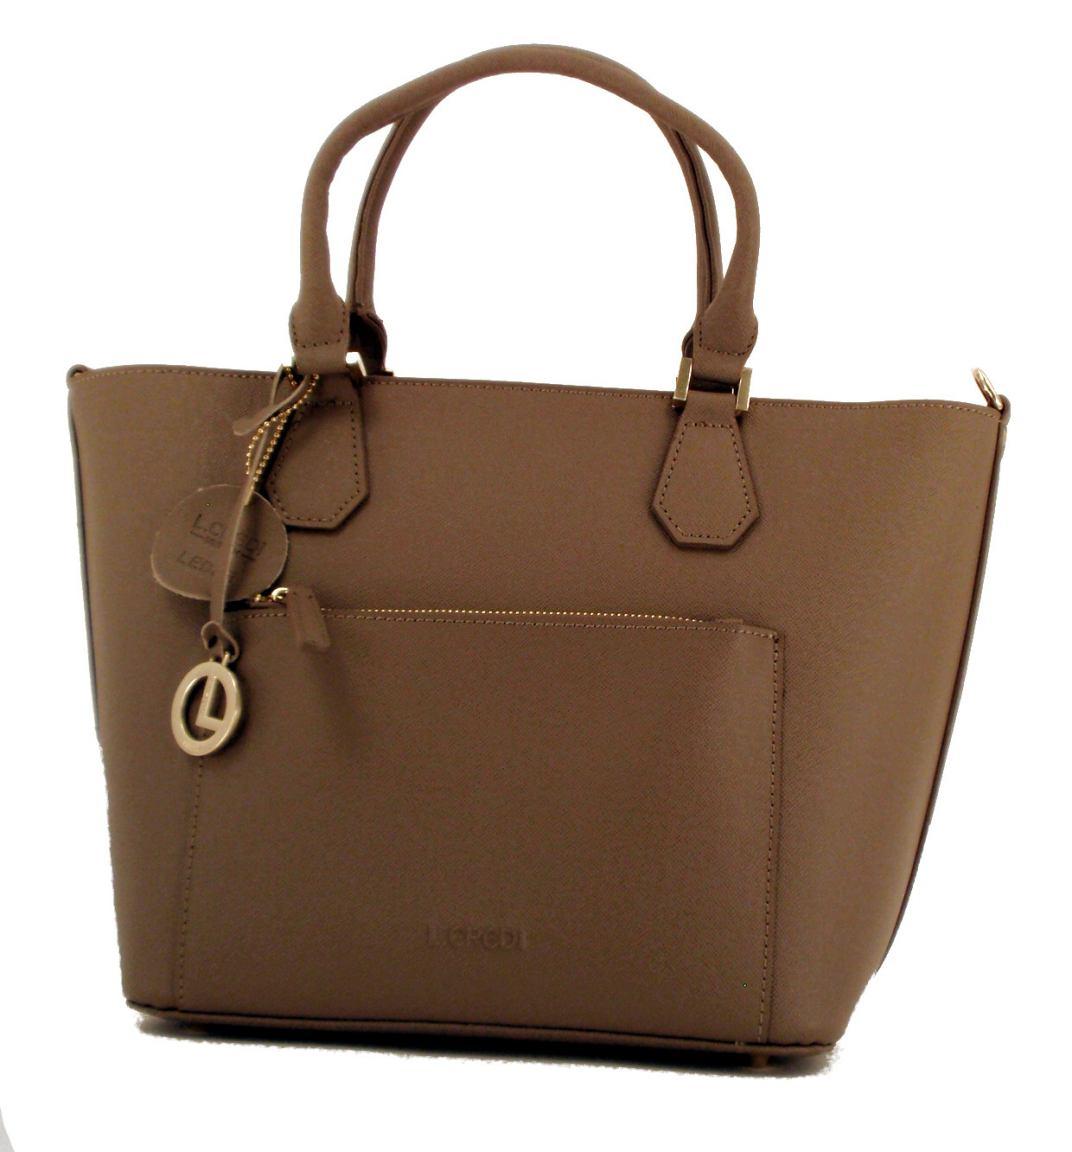 l credi shopper leder sonja taupe innen orange bags more. Black Bedroom Furniture Sets. Home Design Ideas